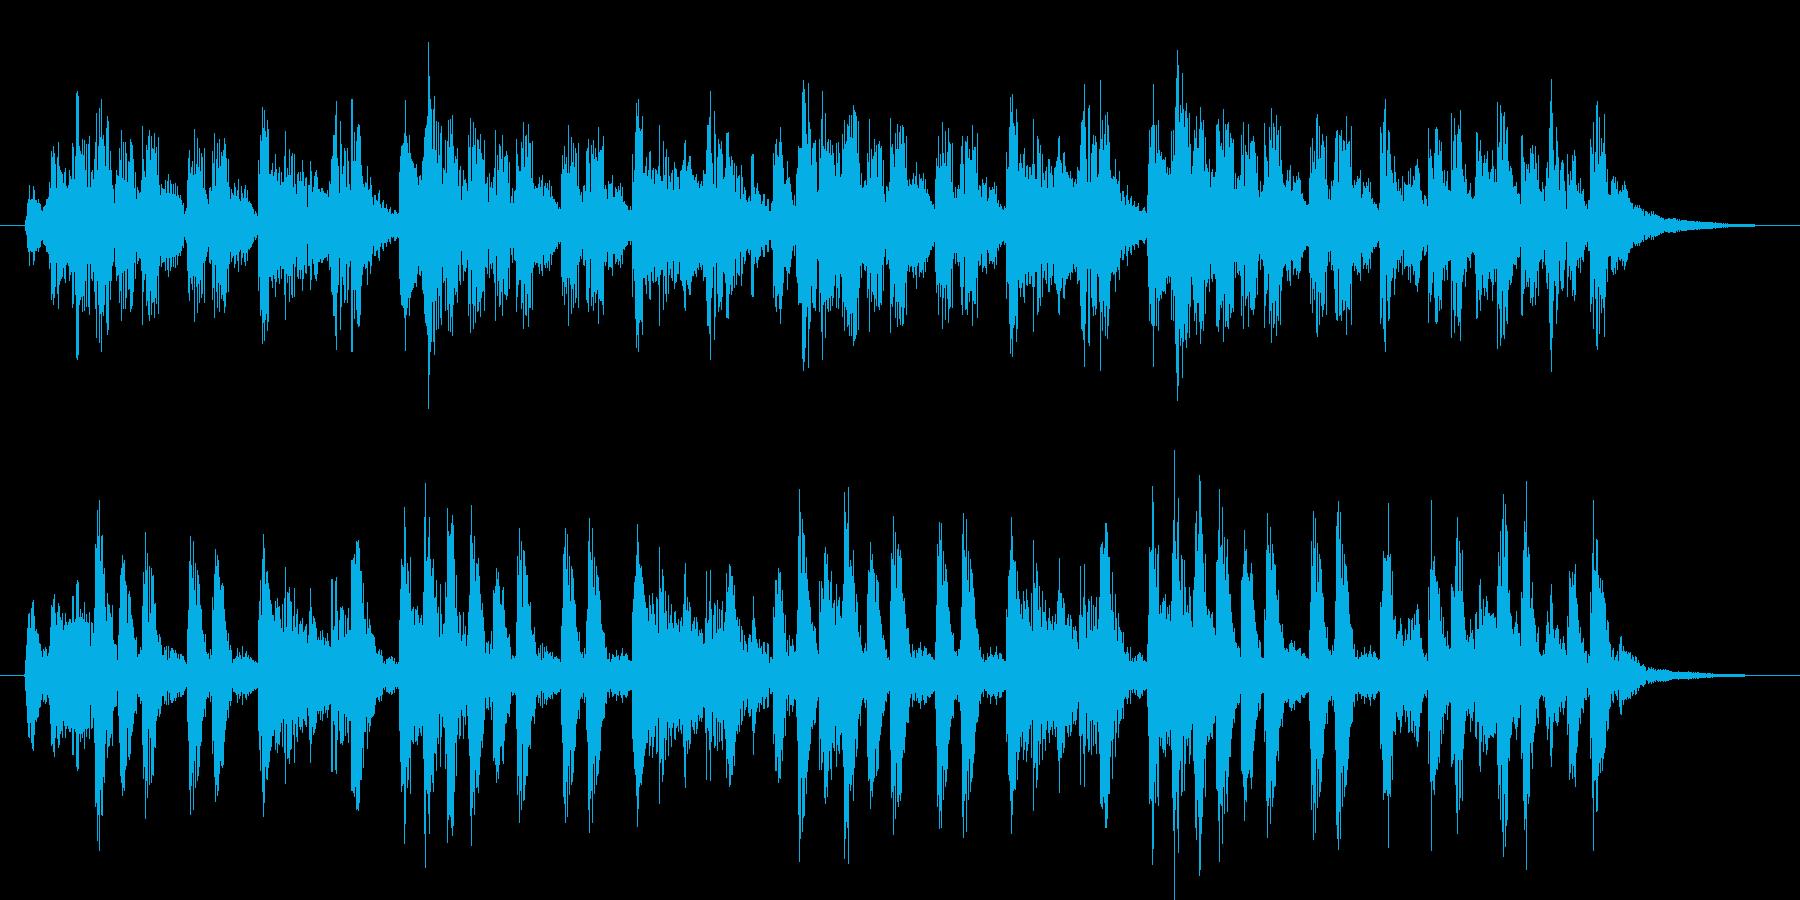 ピチカートによる軽快なジングルの再生済みの波形